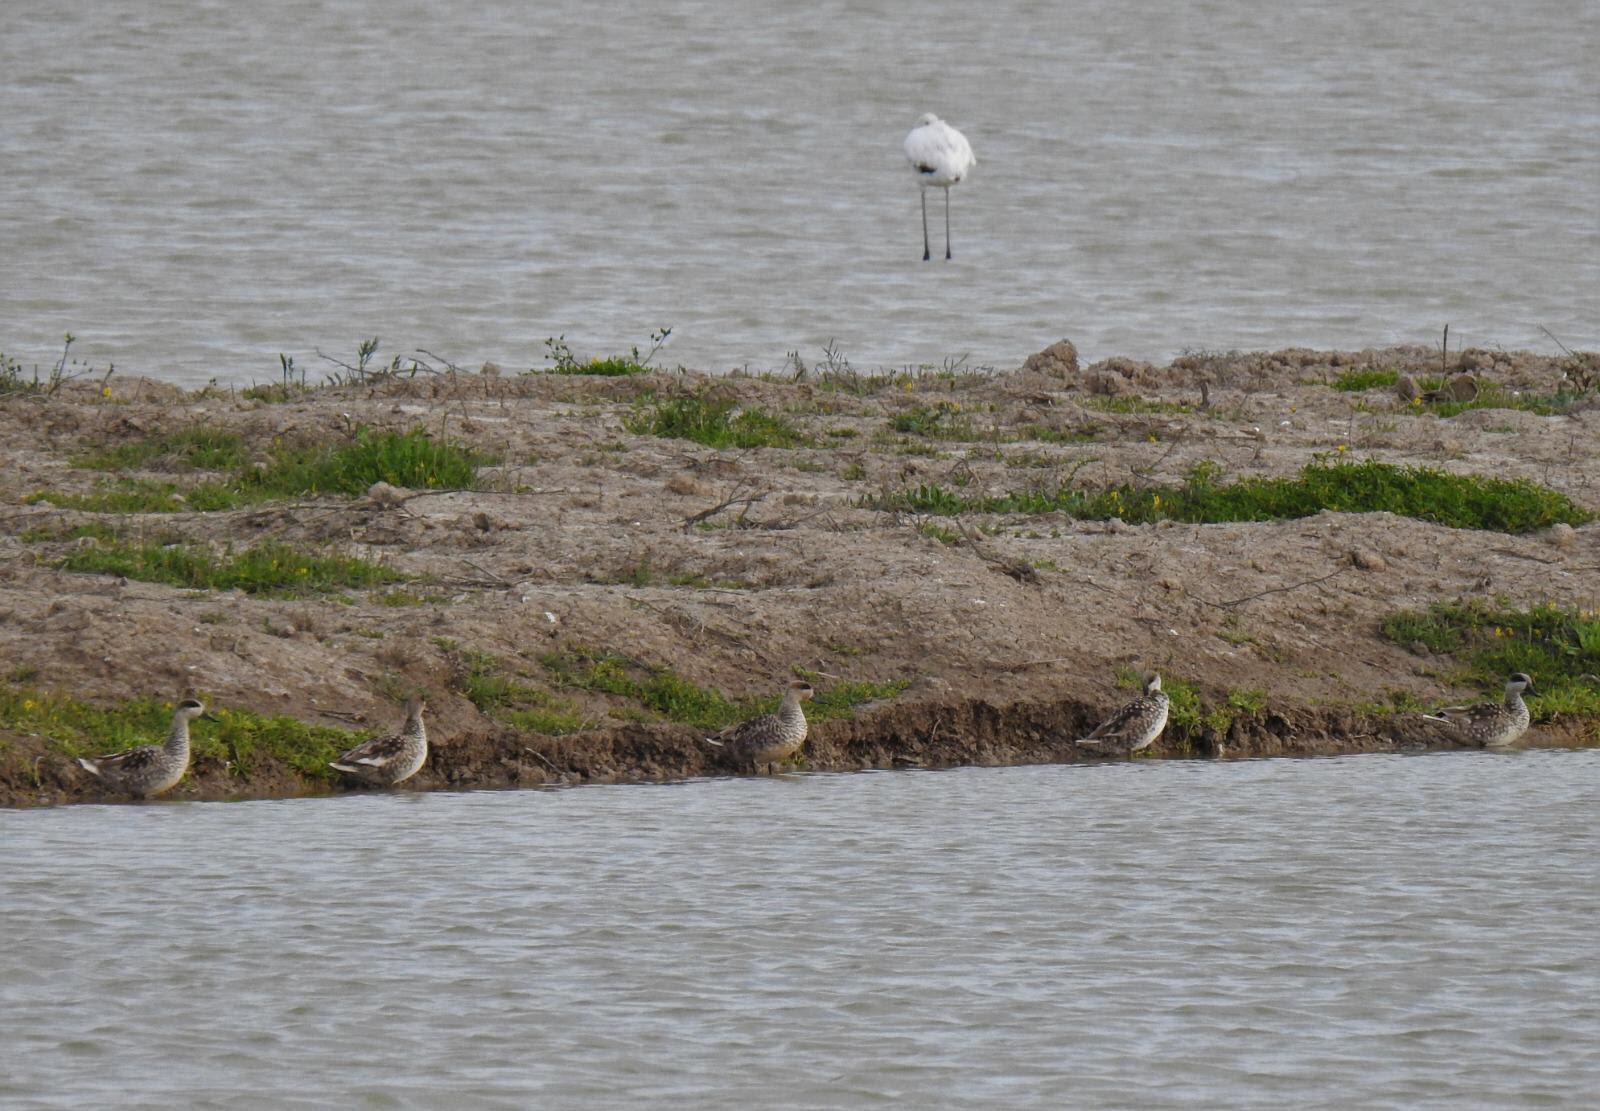 Varias cercetas pardillas en el agua. Imagen: Beltrán Ceballos / WWF